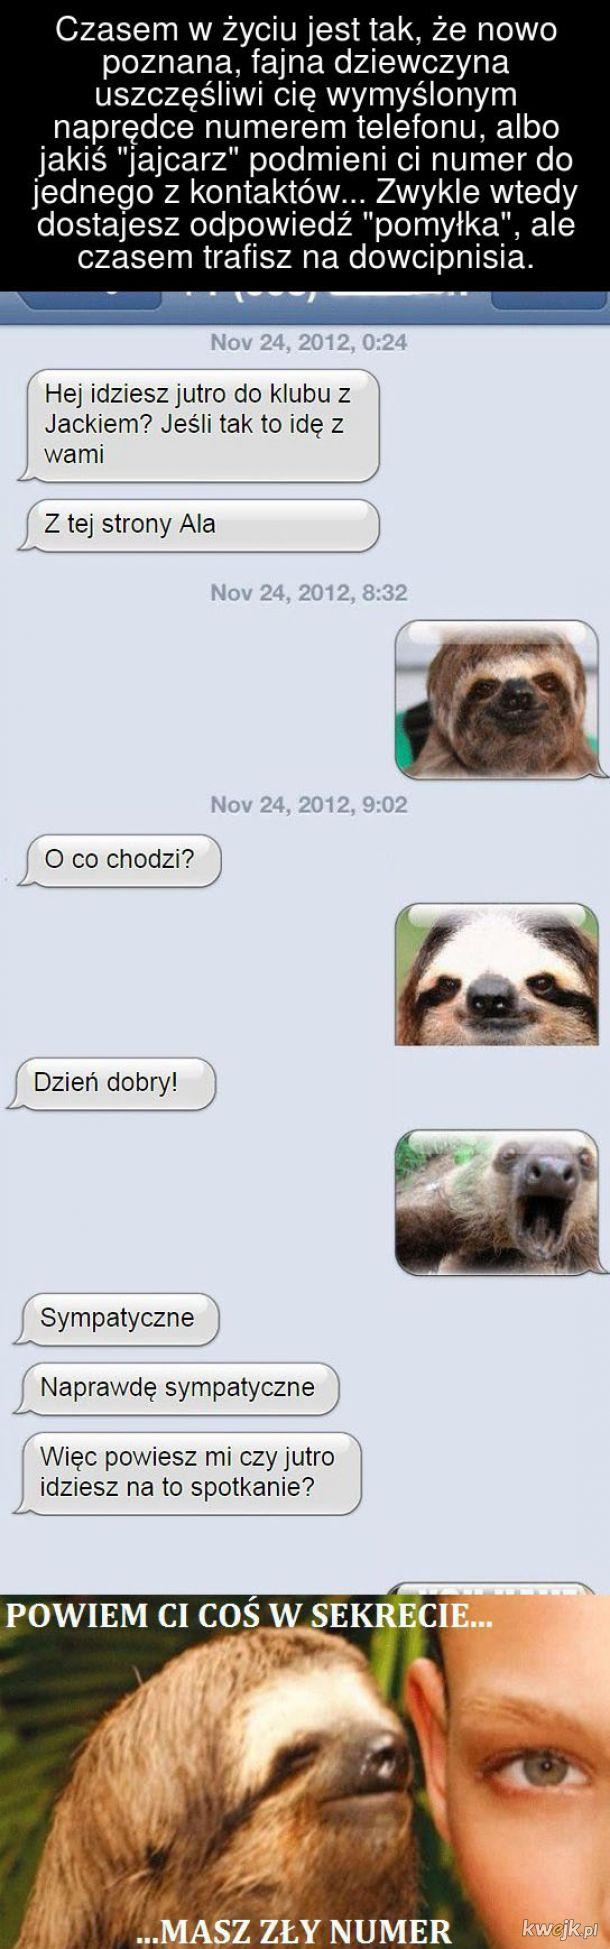 SMS-y wysłane pod zły numer